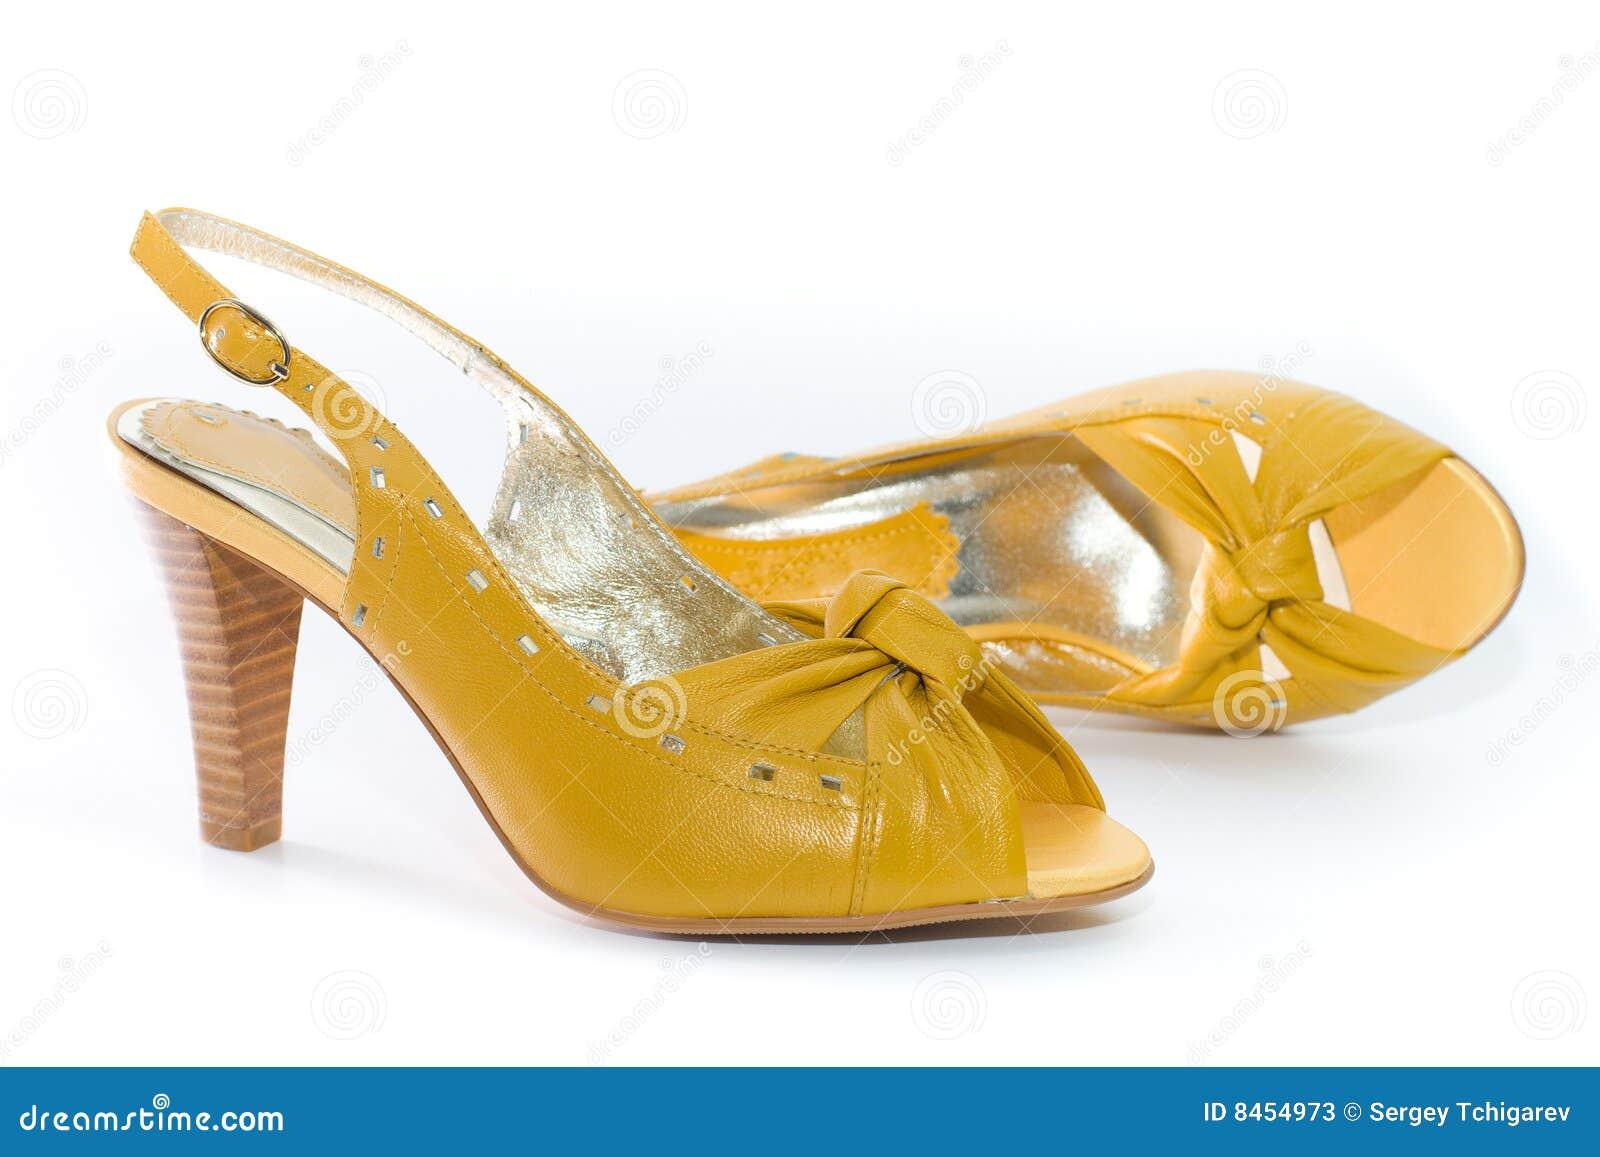 bff7d3ba57d γυναικεία S παπούτσια κίτρινα Στοκ Εικόνα - εικόνα από χρυσός, χρώμα ...